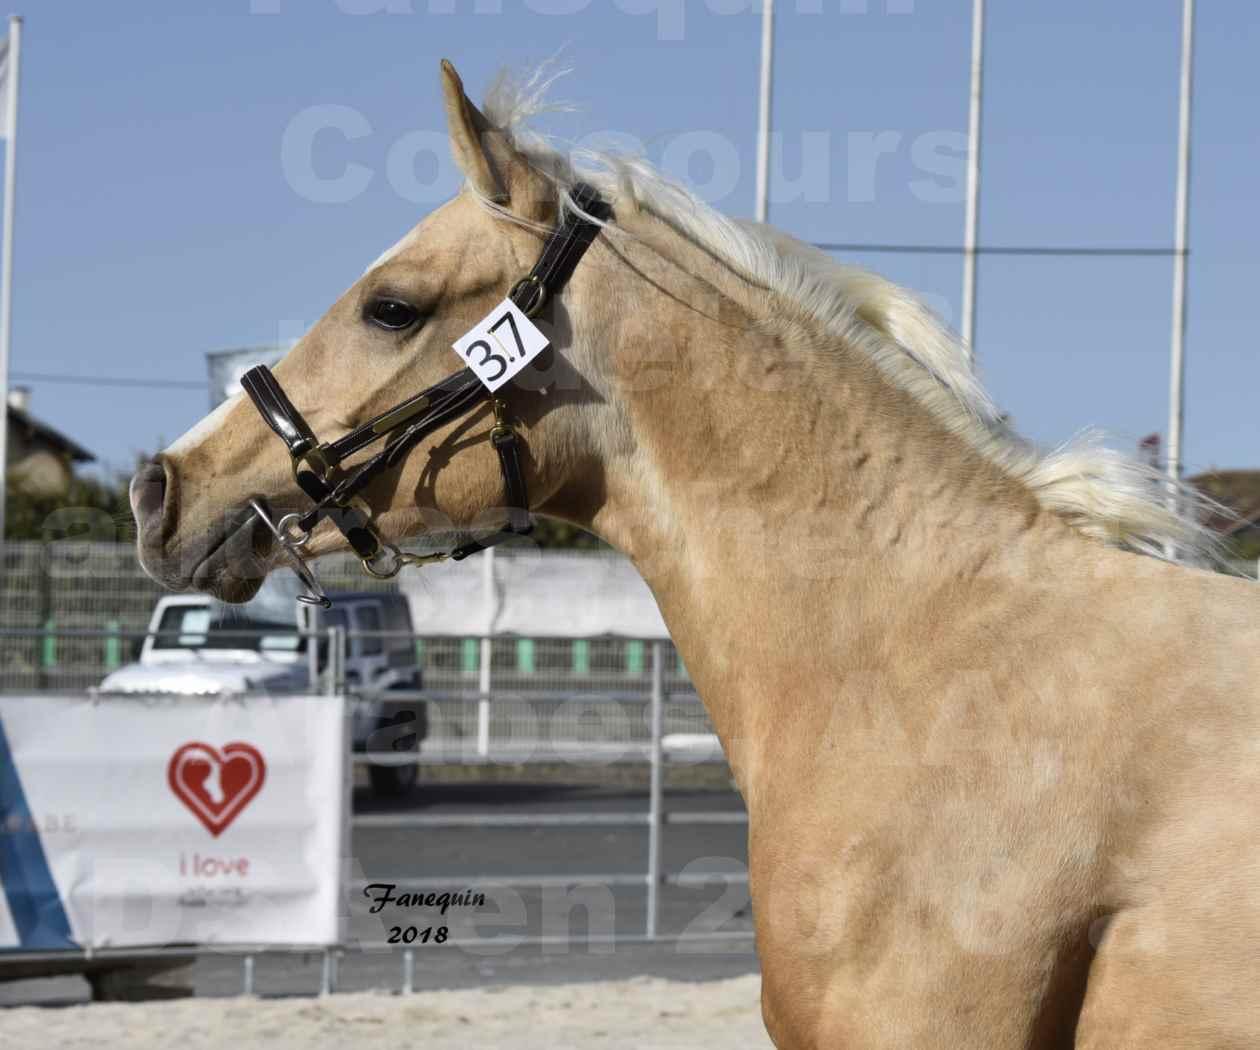 Concours d'élevage de Chevaux Arabes - D. S. A. - A. A. - ALBI les 6 & 7 Avril 2018 - GOLD DE DARRE - Notre Sélection - Portraits - 4